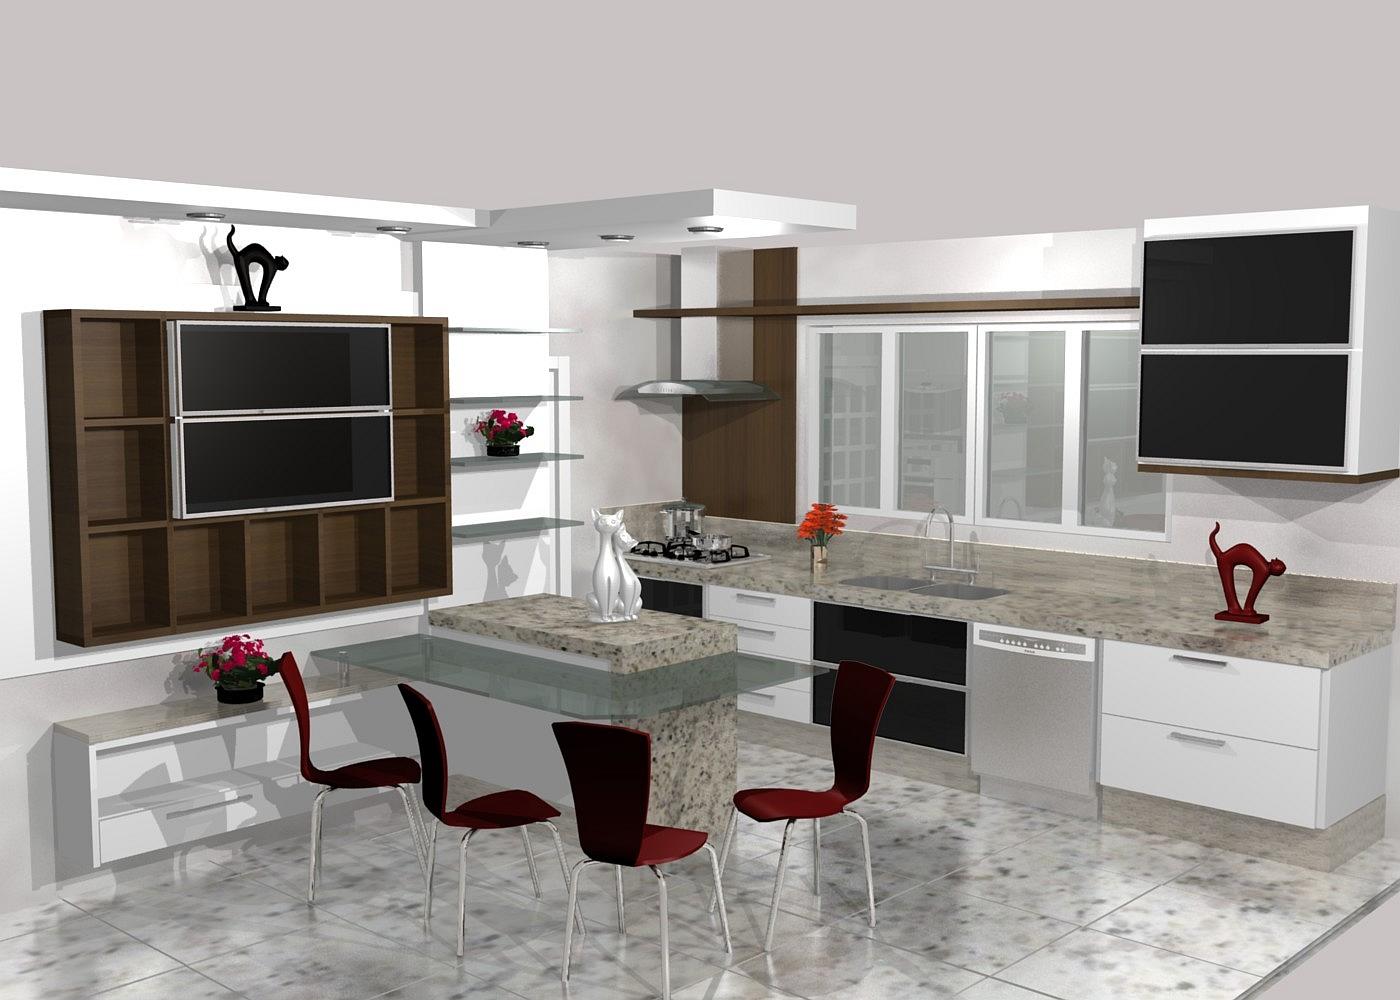 #603B32 Cozinhas Planejadas Lindos Projetos Cozinha Sob Medida 1400x1000 px Projeto Cozinha Medidas_4281 Imagens